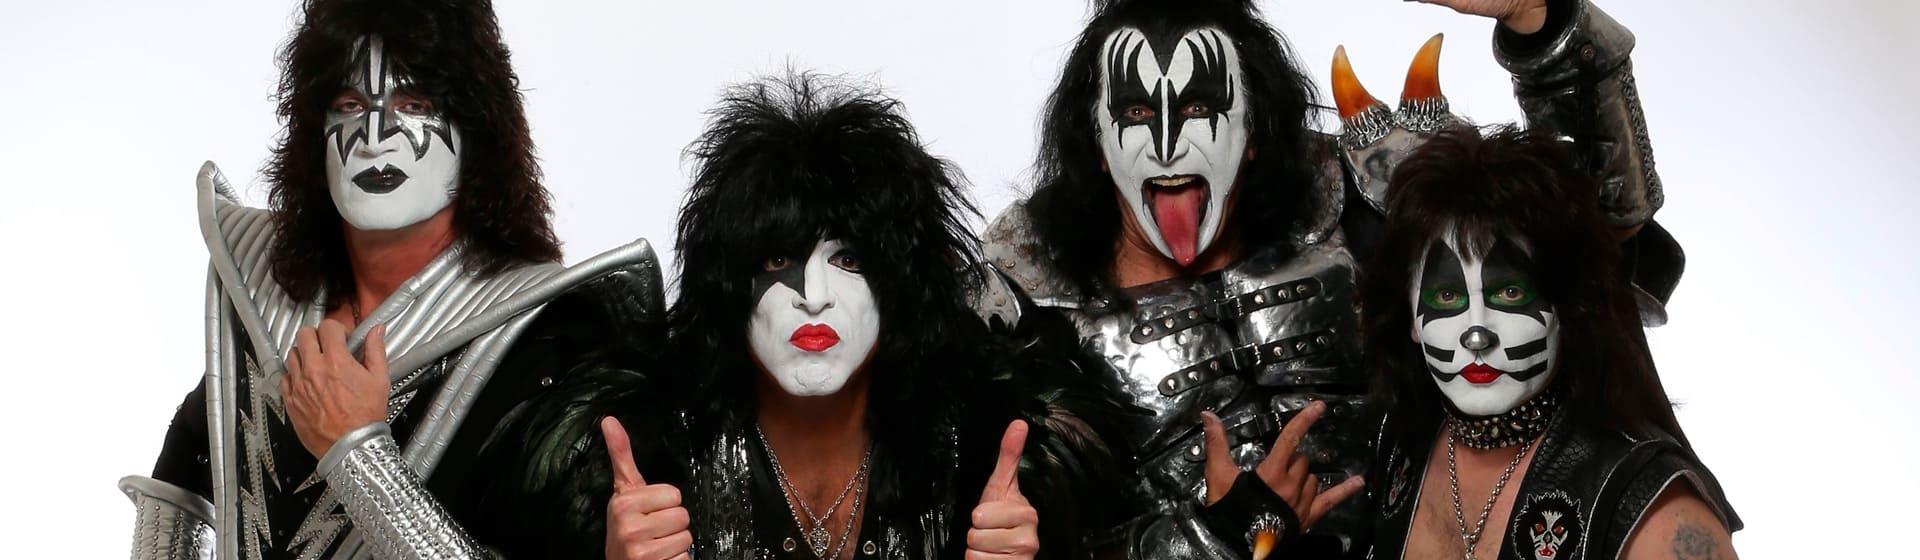 Kiss - Мерч и одежда с атрибутикой